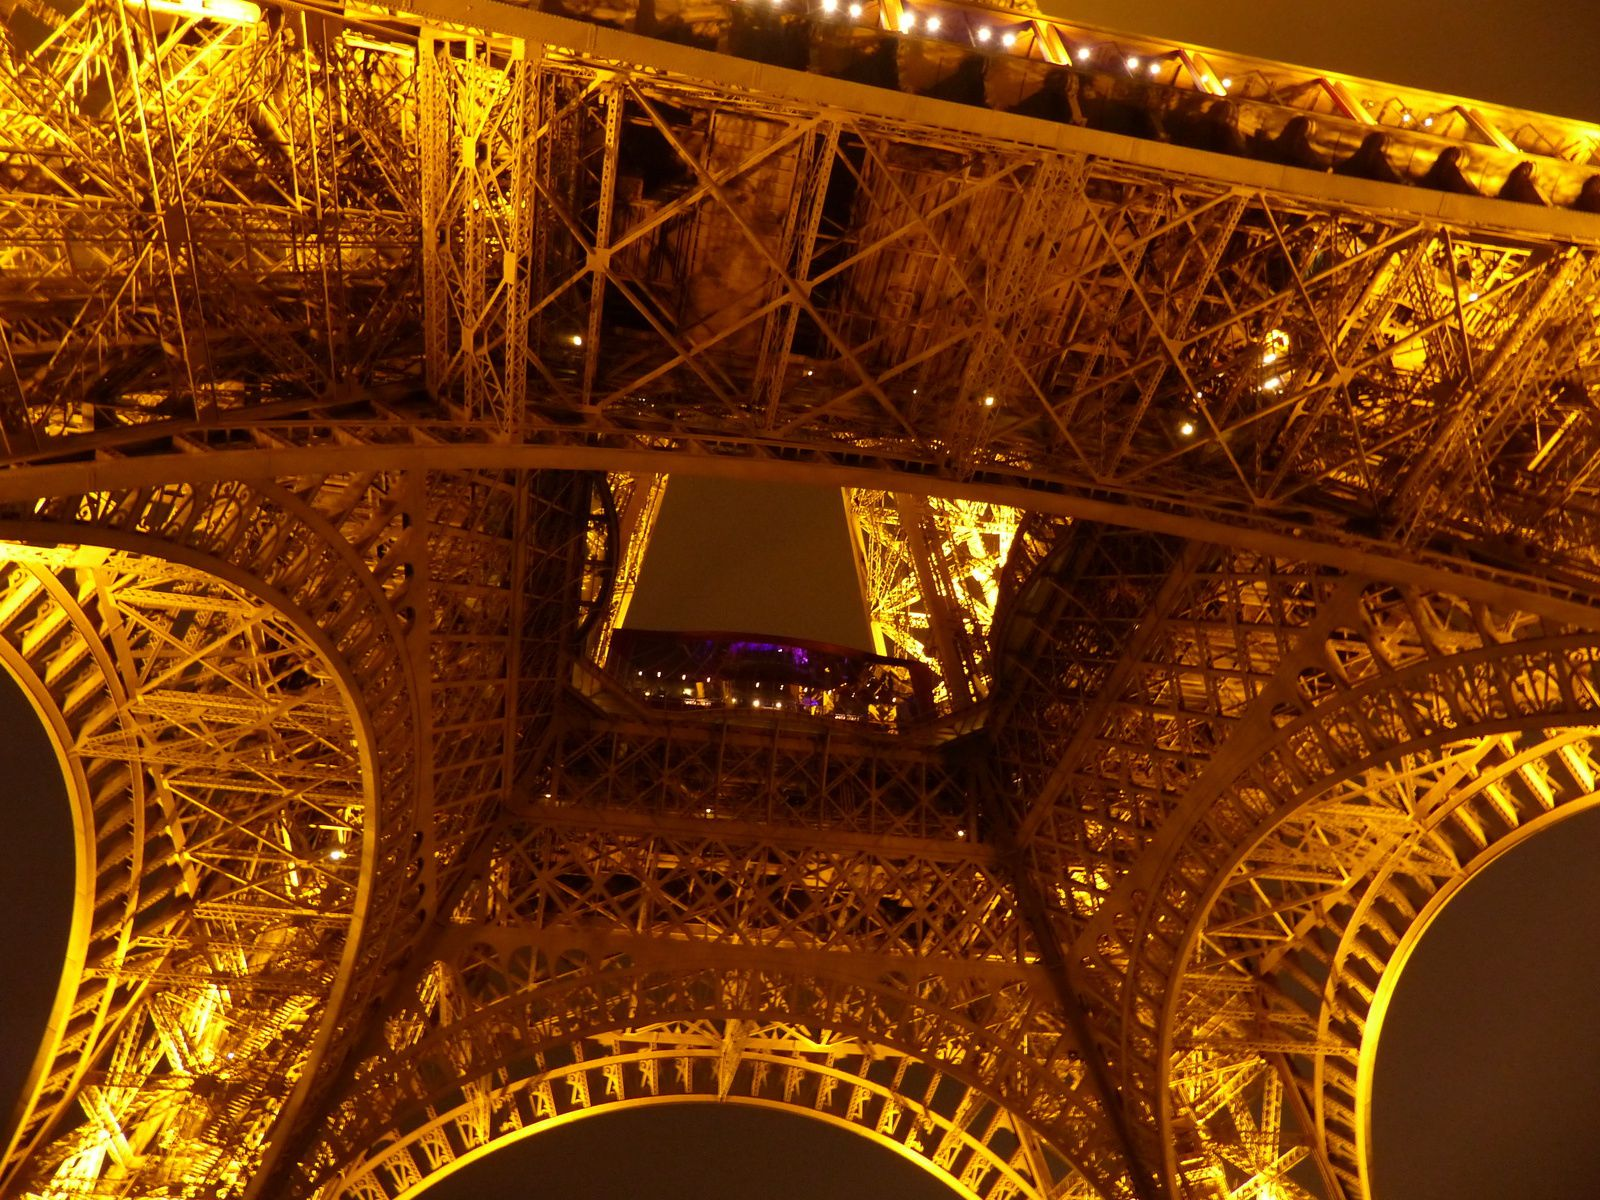 Merci à mon frère Gustave Eiffel, pour ces moments de pur bonheur....et ces lumières sur Paris.